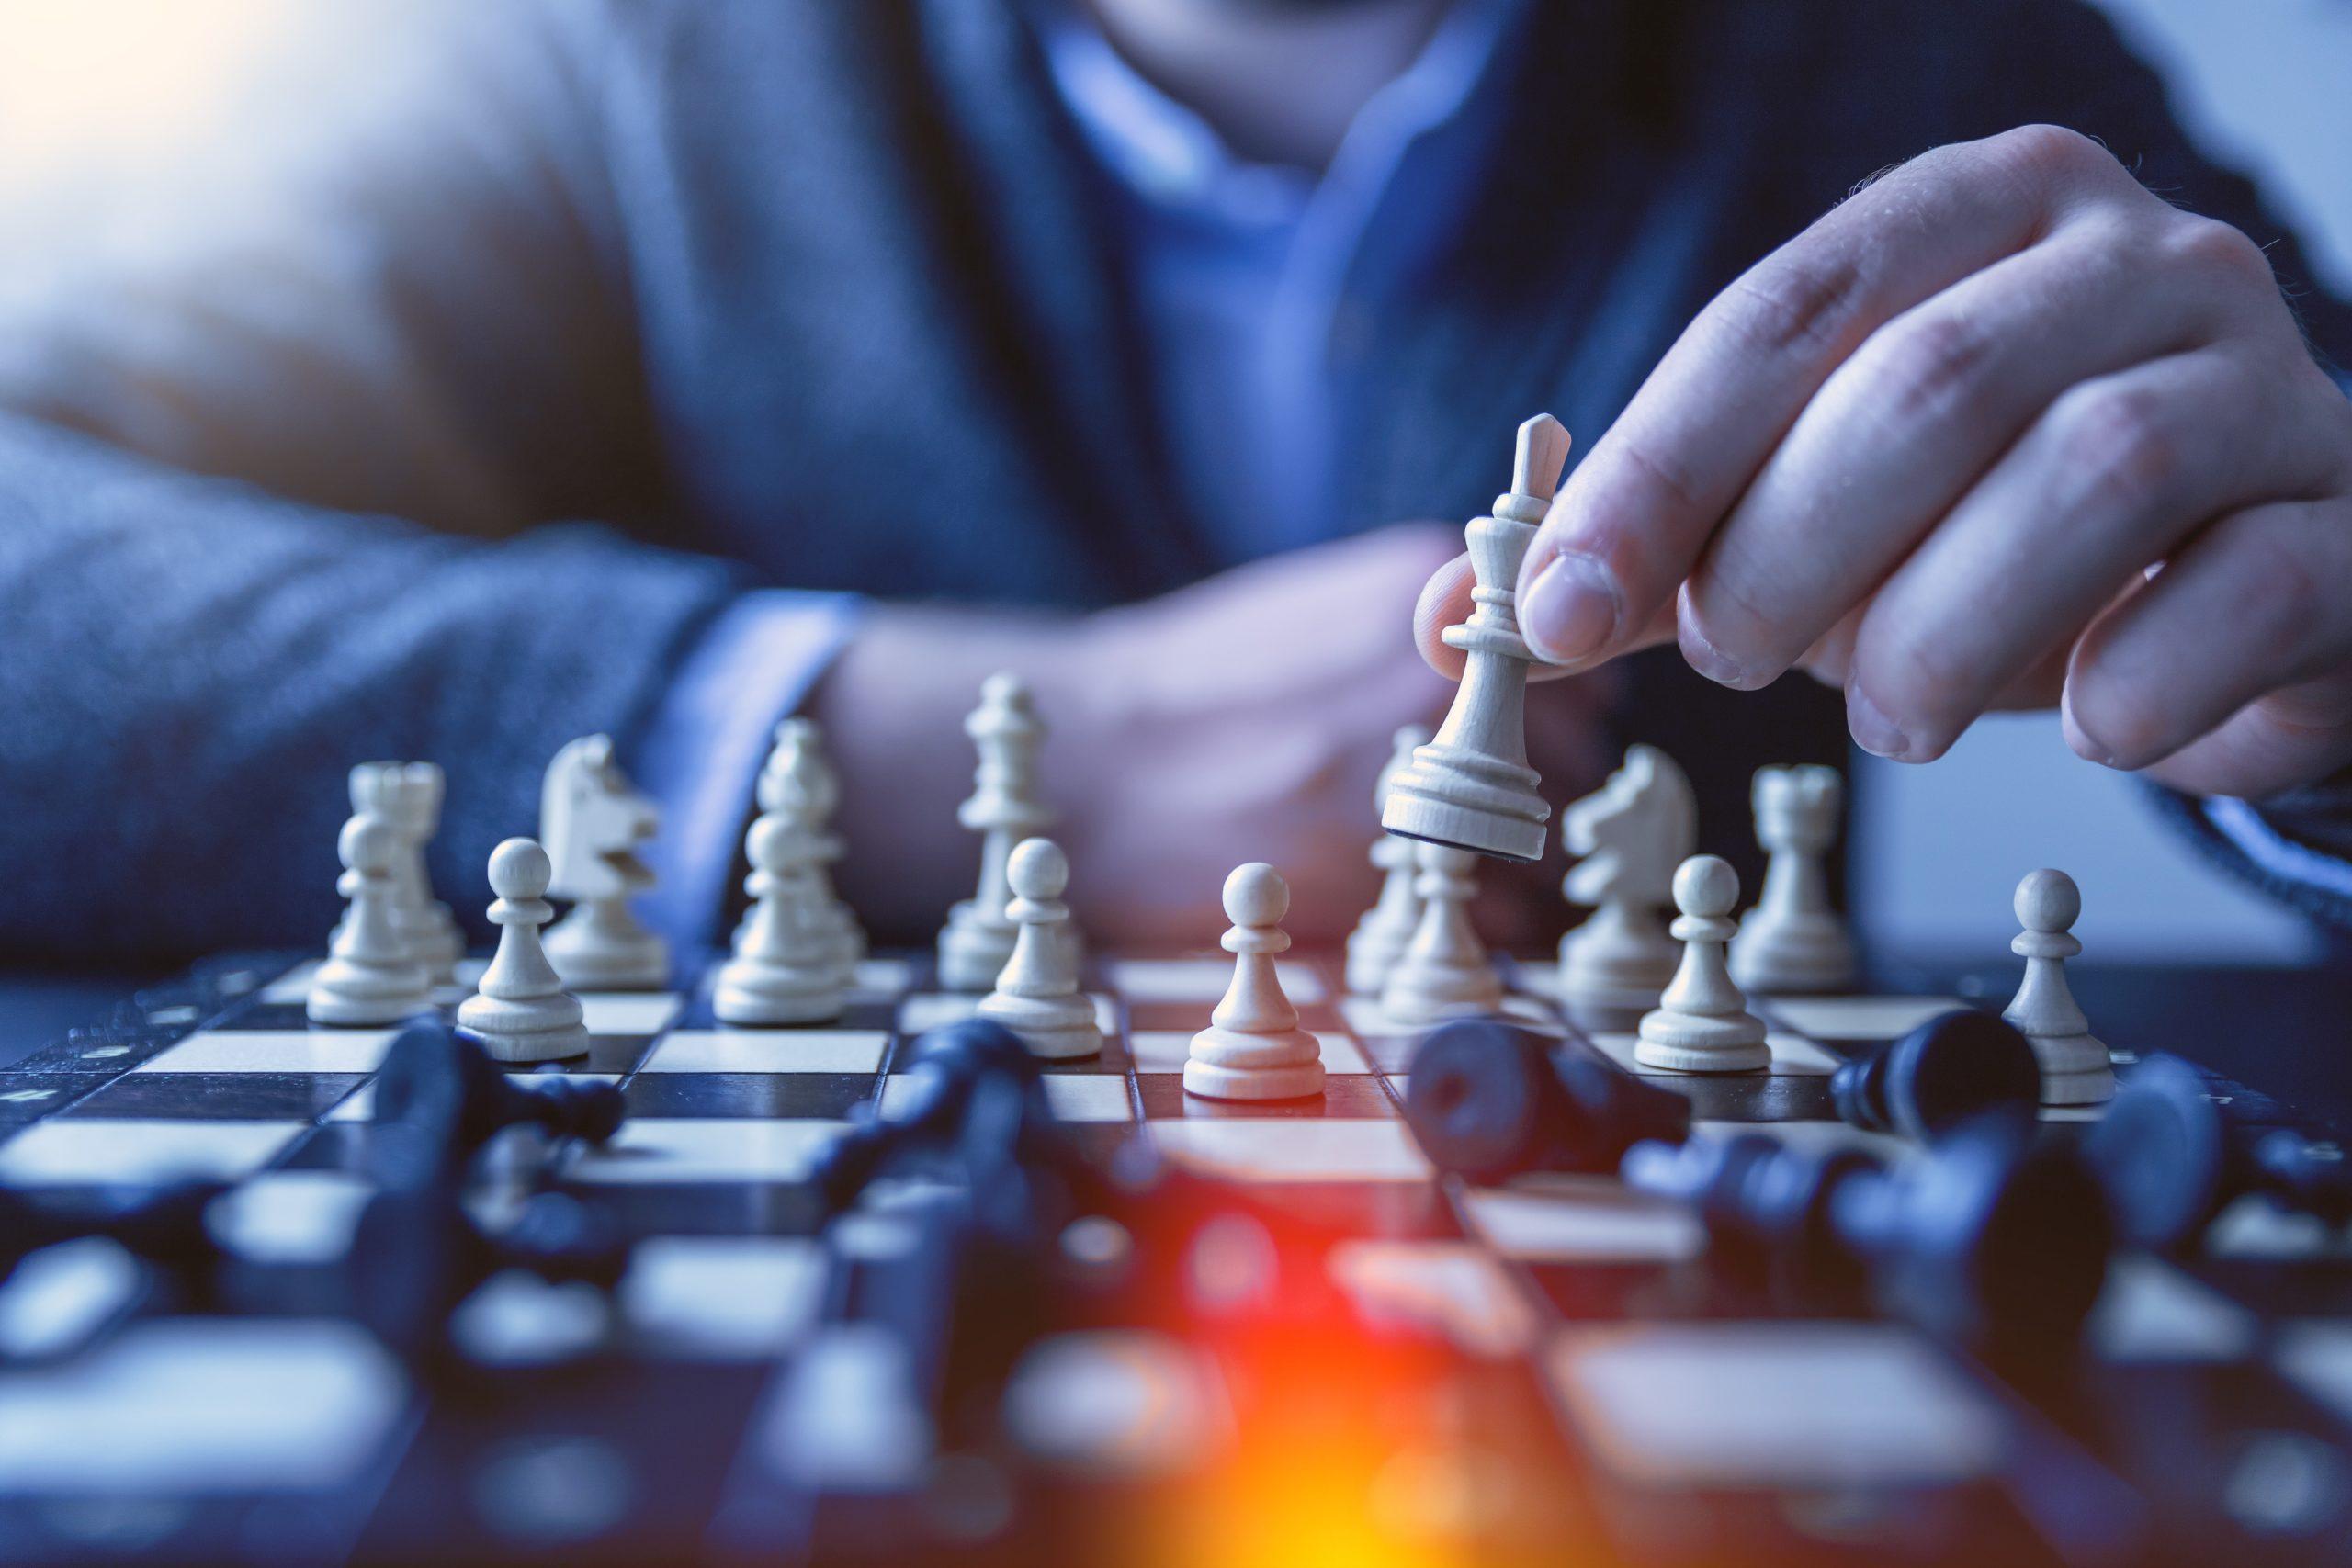 vírus e o planejamento estratégico